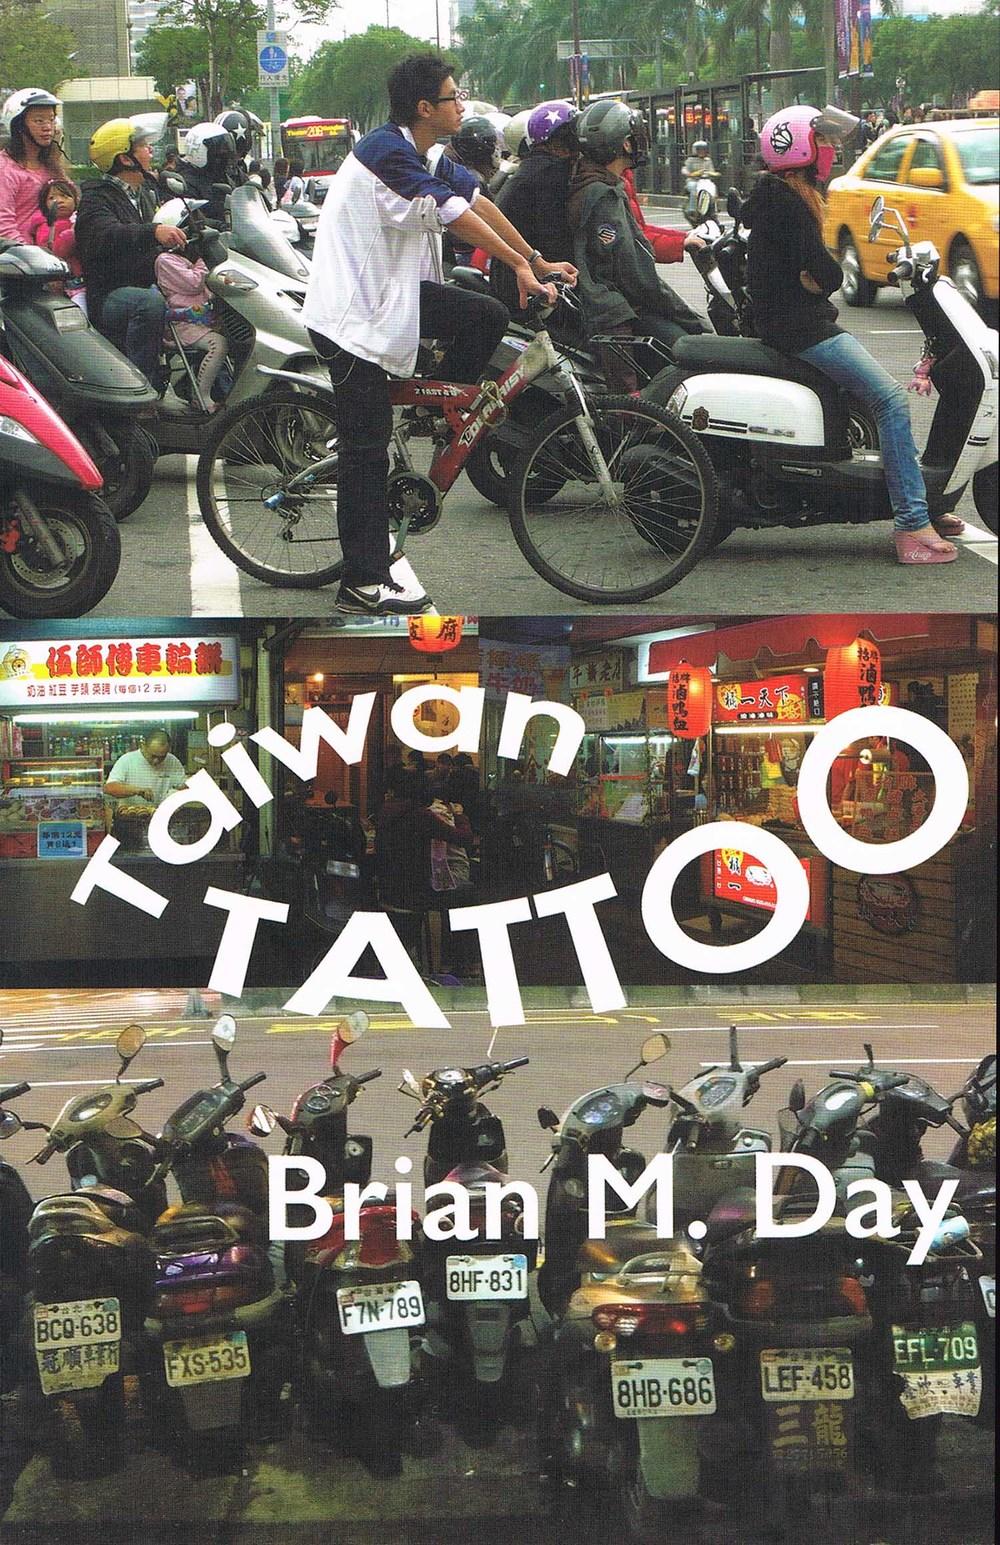 Taiwan Tattoo